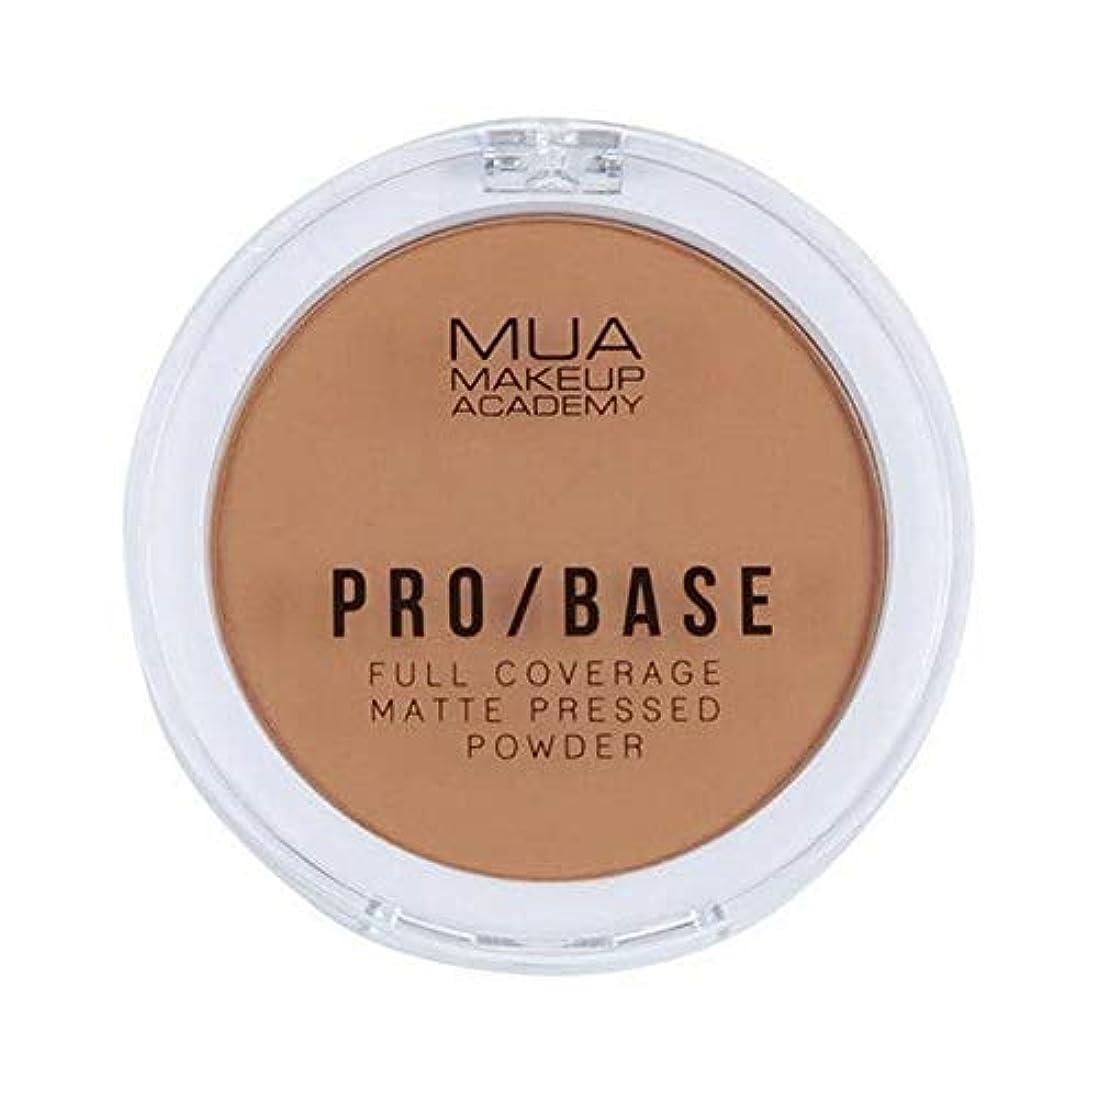 ナース破壊する神経障害[MUA] Muaプロ/ベースのフルカバレッジマットパウダー#170 - MUA Pro/Base Full Coverage Matte Powder #170 [並行輸入品]